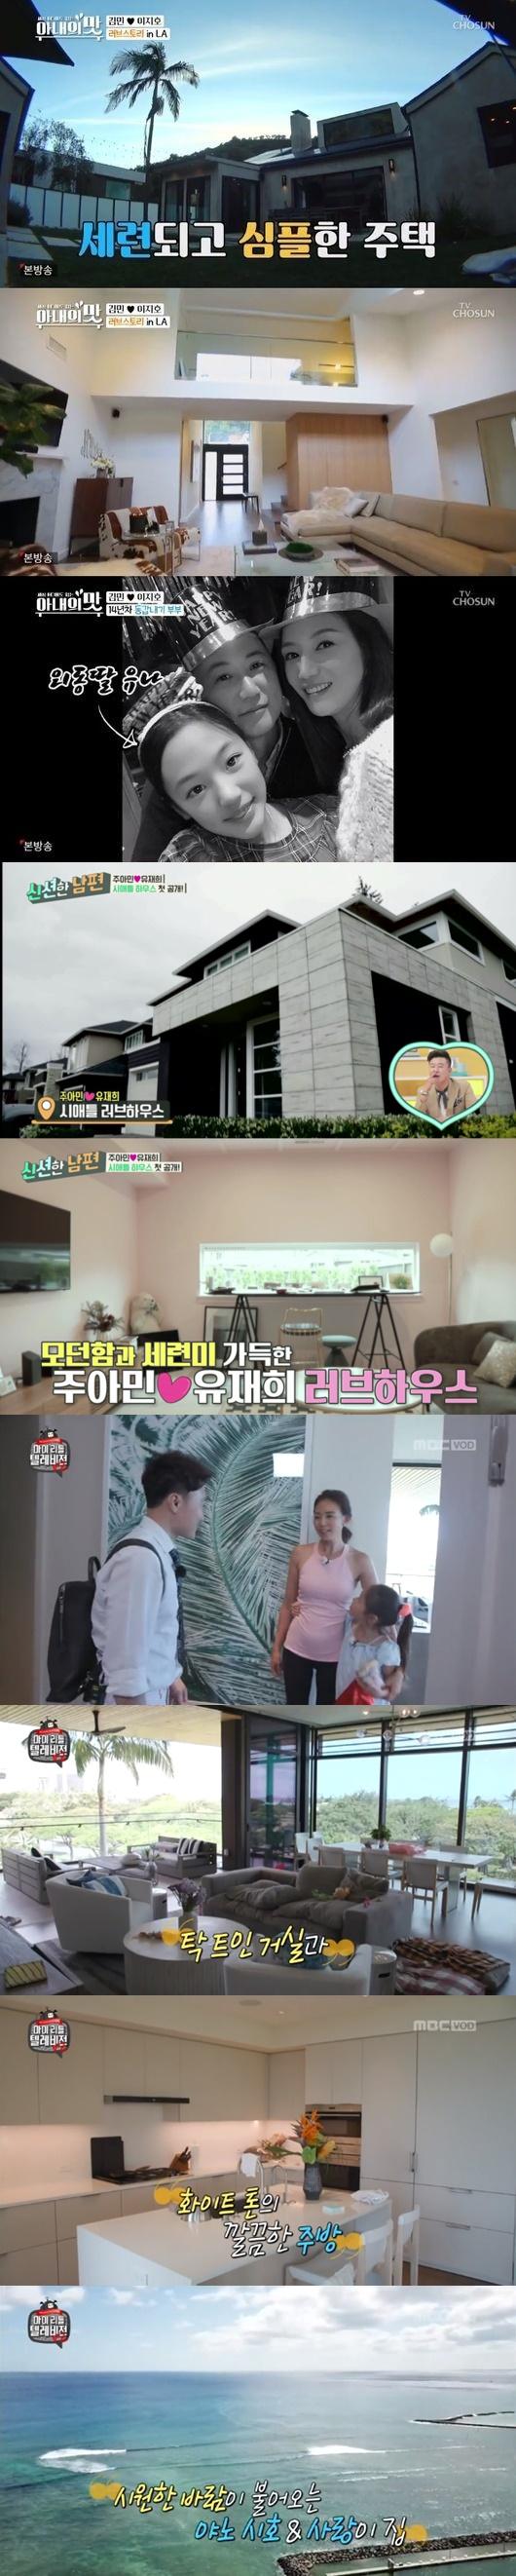 김태희♥비→추성훈♥야노시호..美 초호화 저택 스타들[Oh!쎈 이슈]